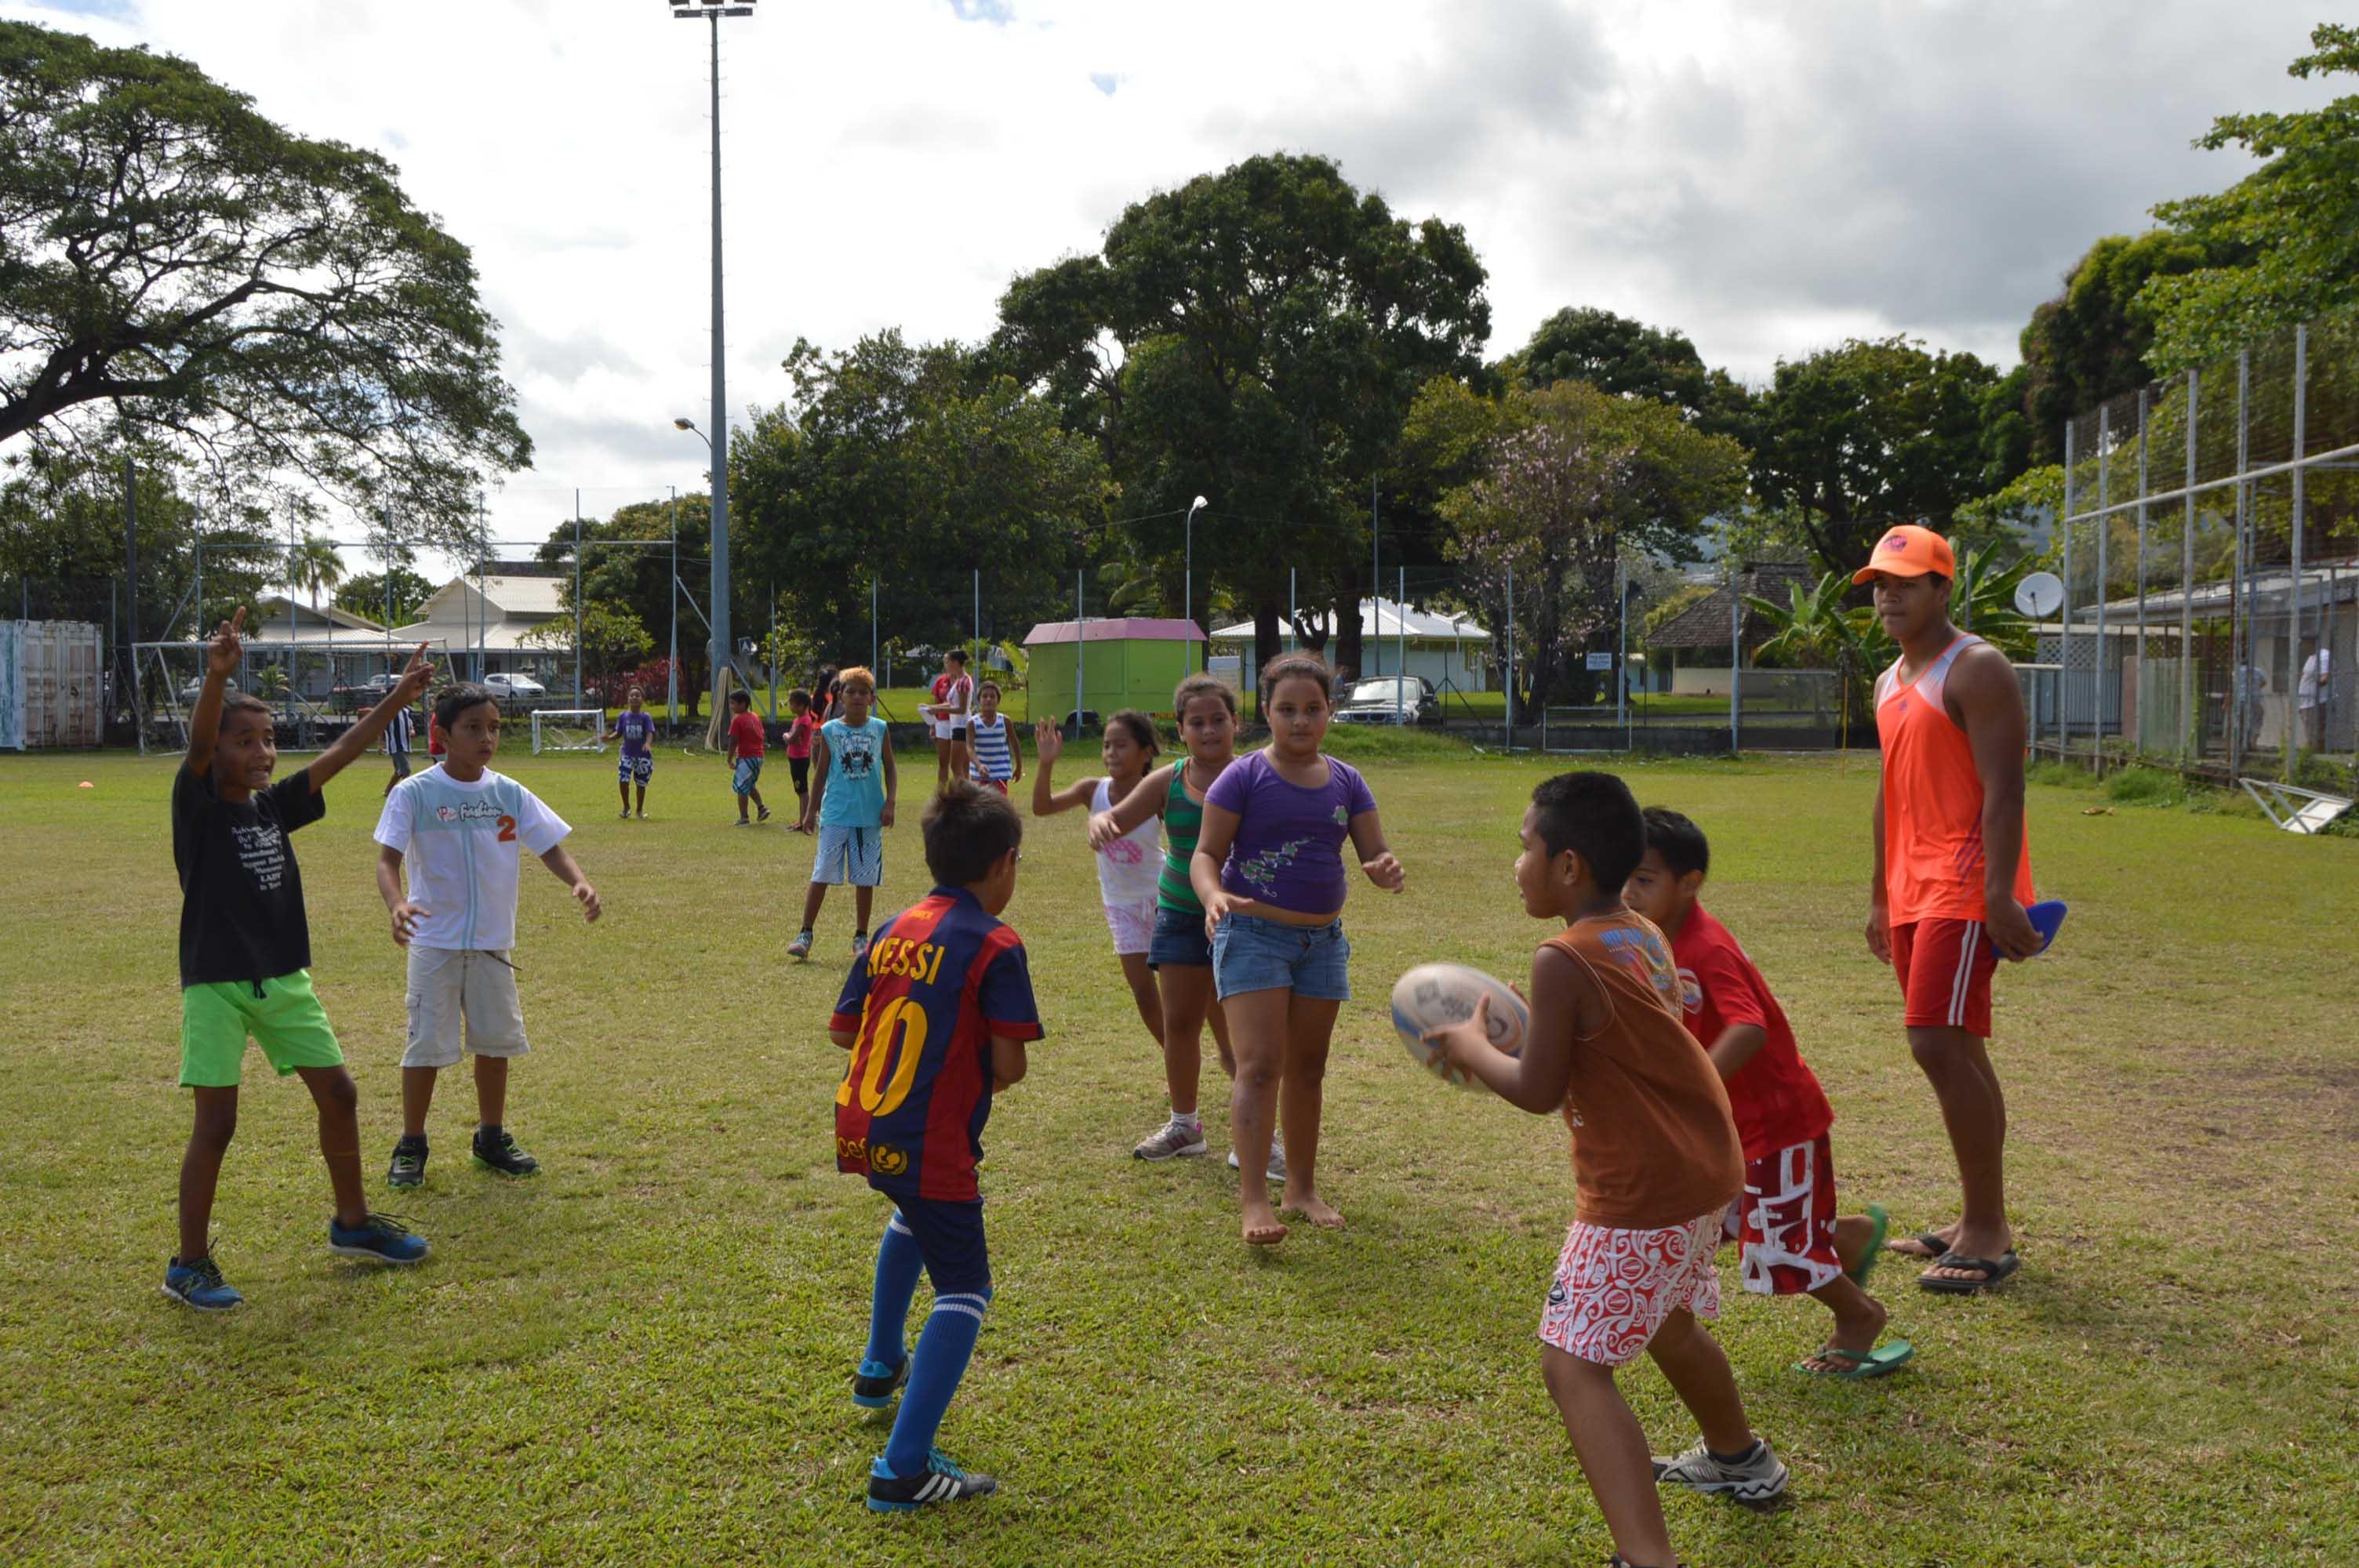 Volley-ball, futsal ou encore tir à l'arc, durant cinq jours, ces enfants issus des quartiers prioritaires profiteront pleinement de ces activités sportives.